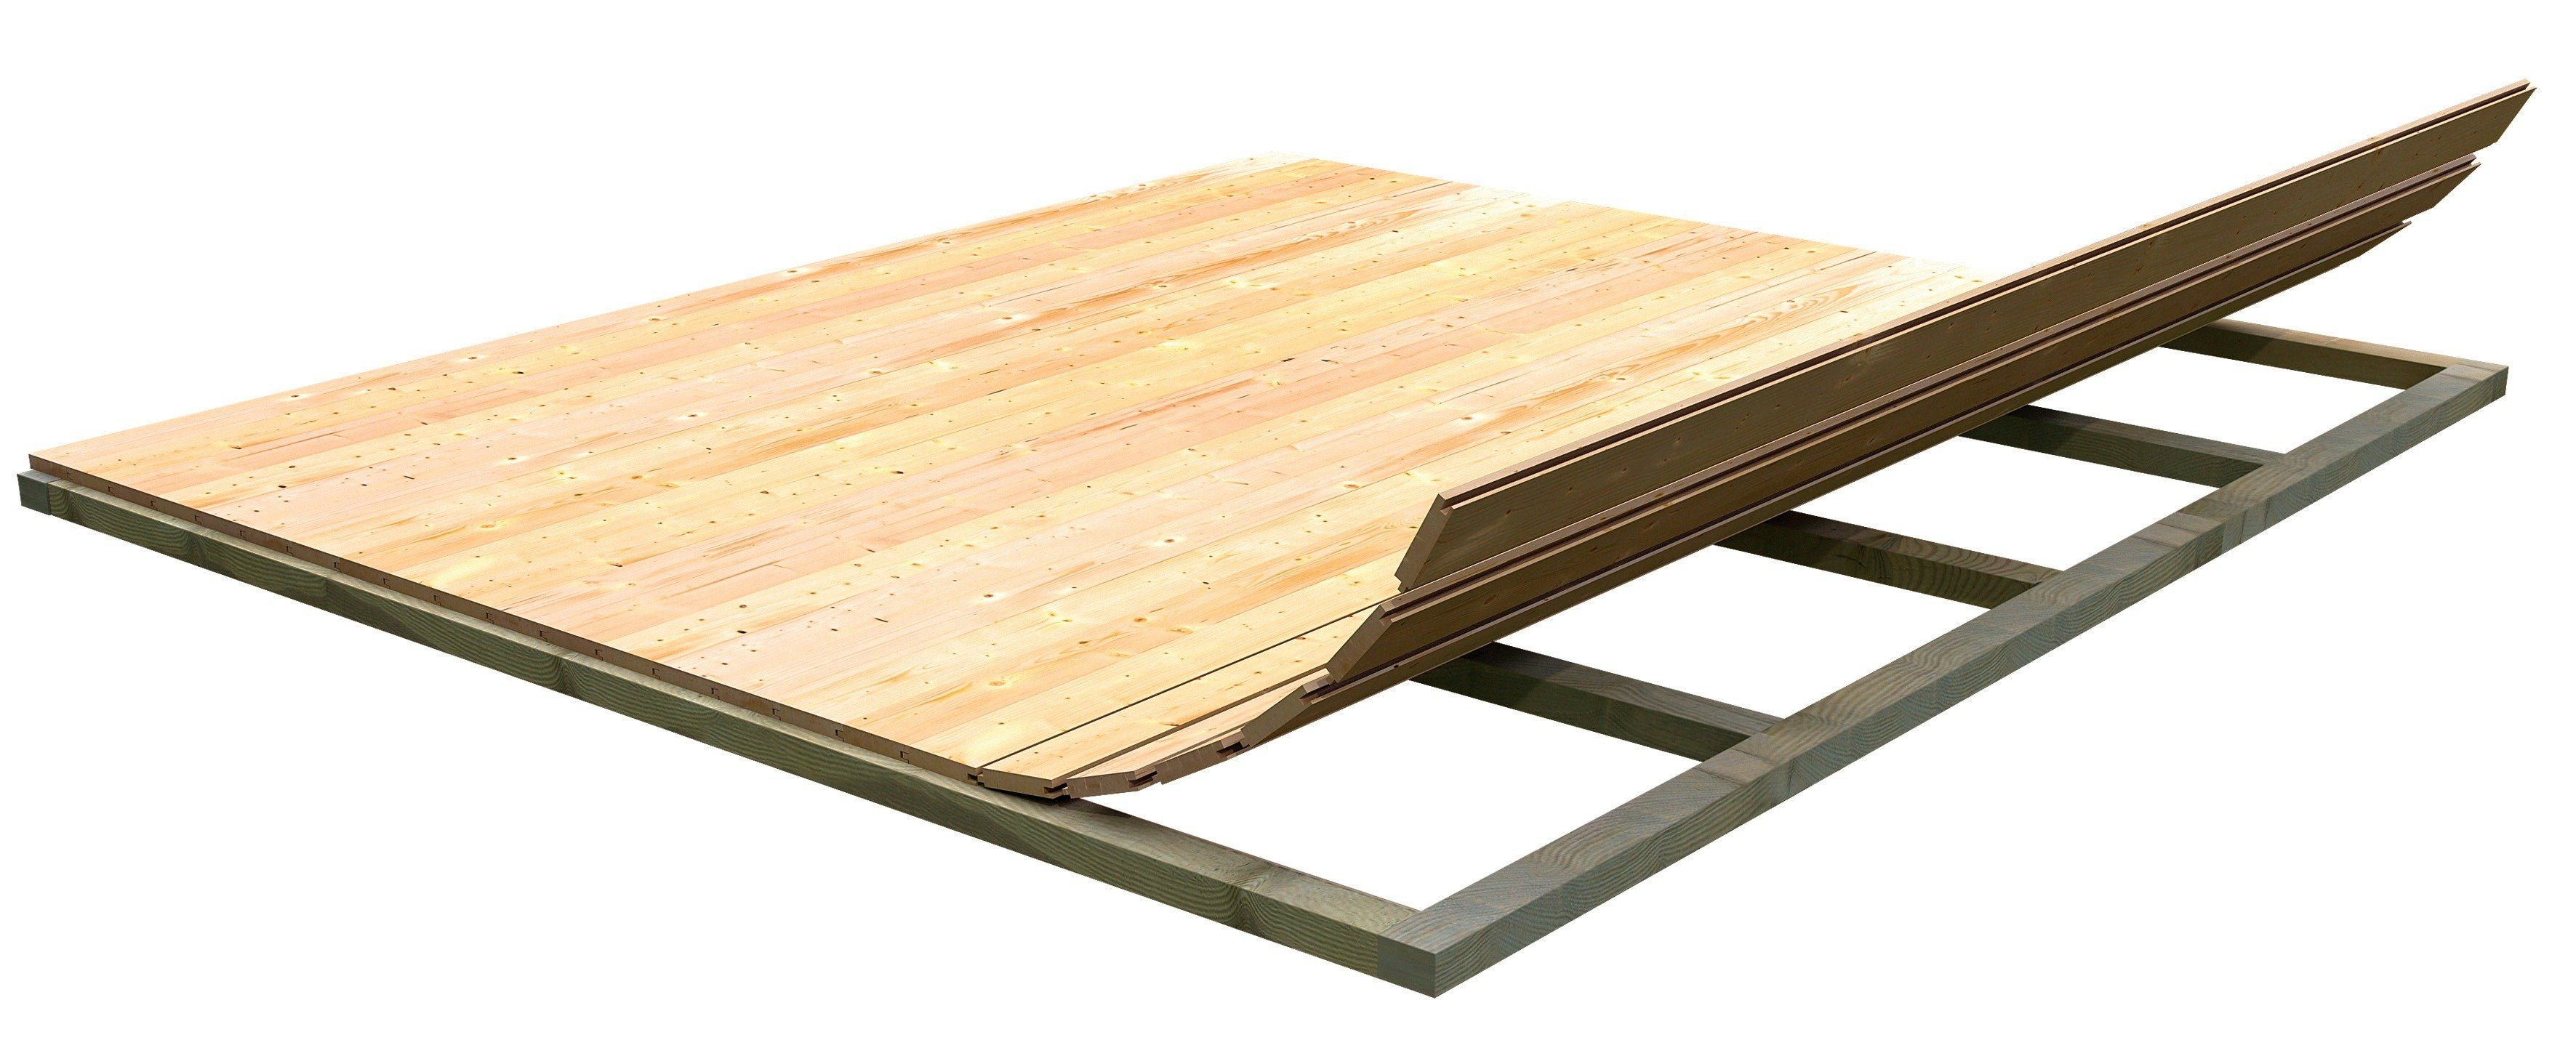 Fußboden für Gartenhäuser, BxT: 370x340 cm